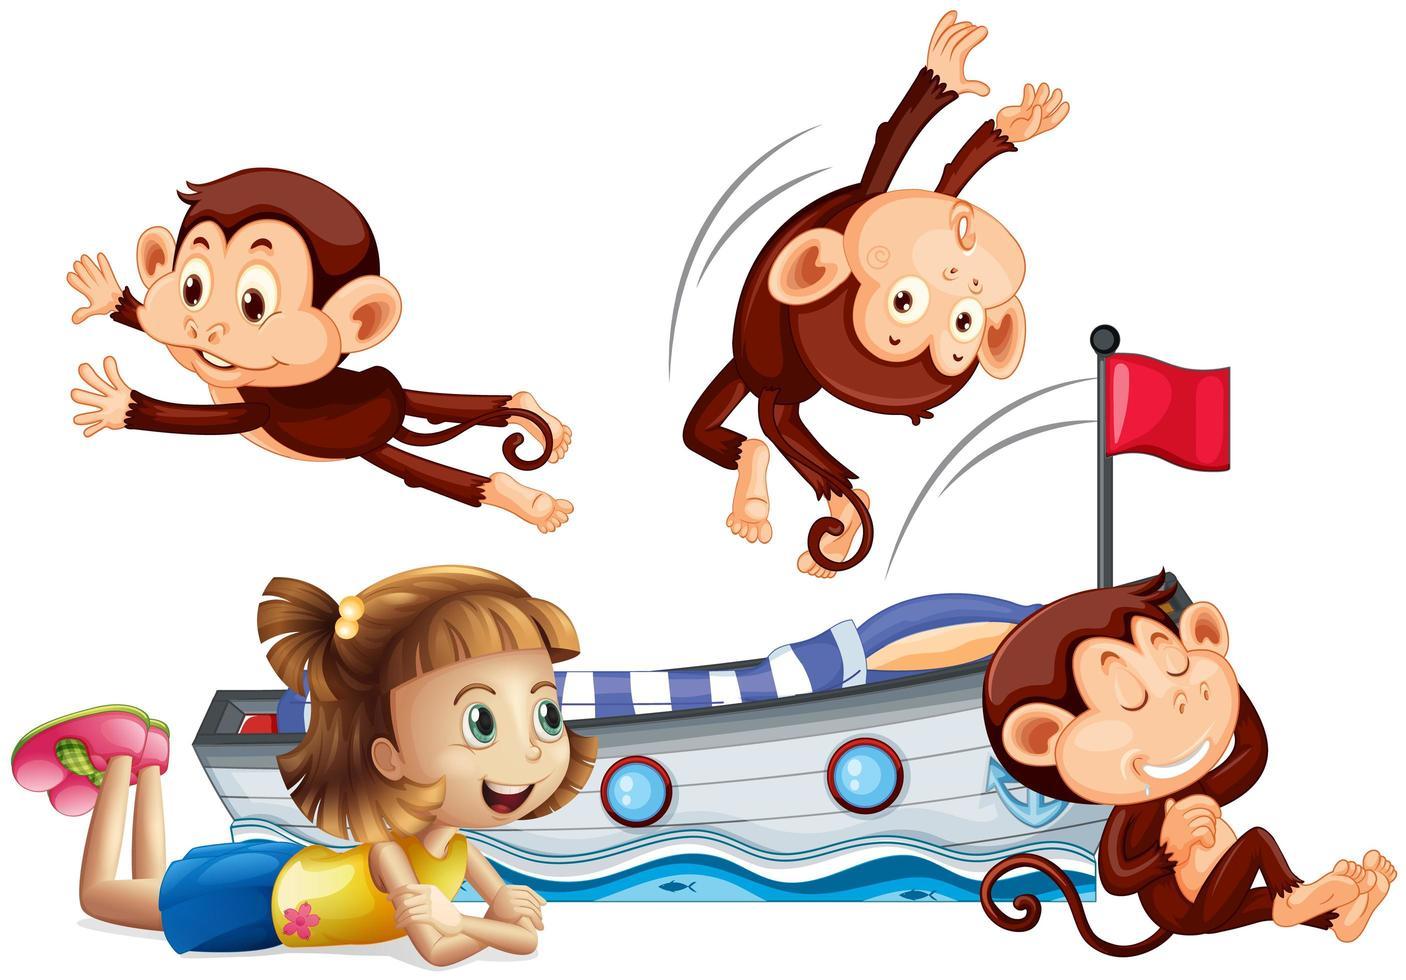 ragazza e scimmie felici che saltano sul letto vettore